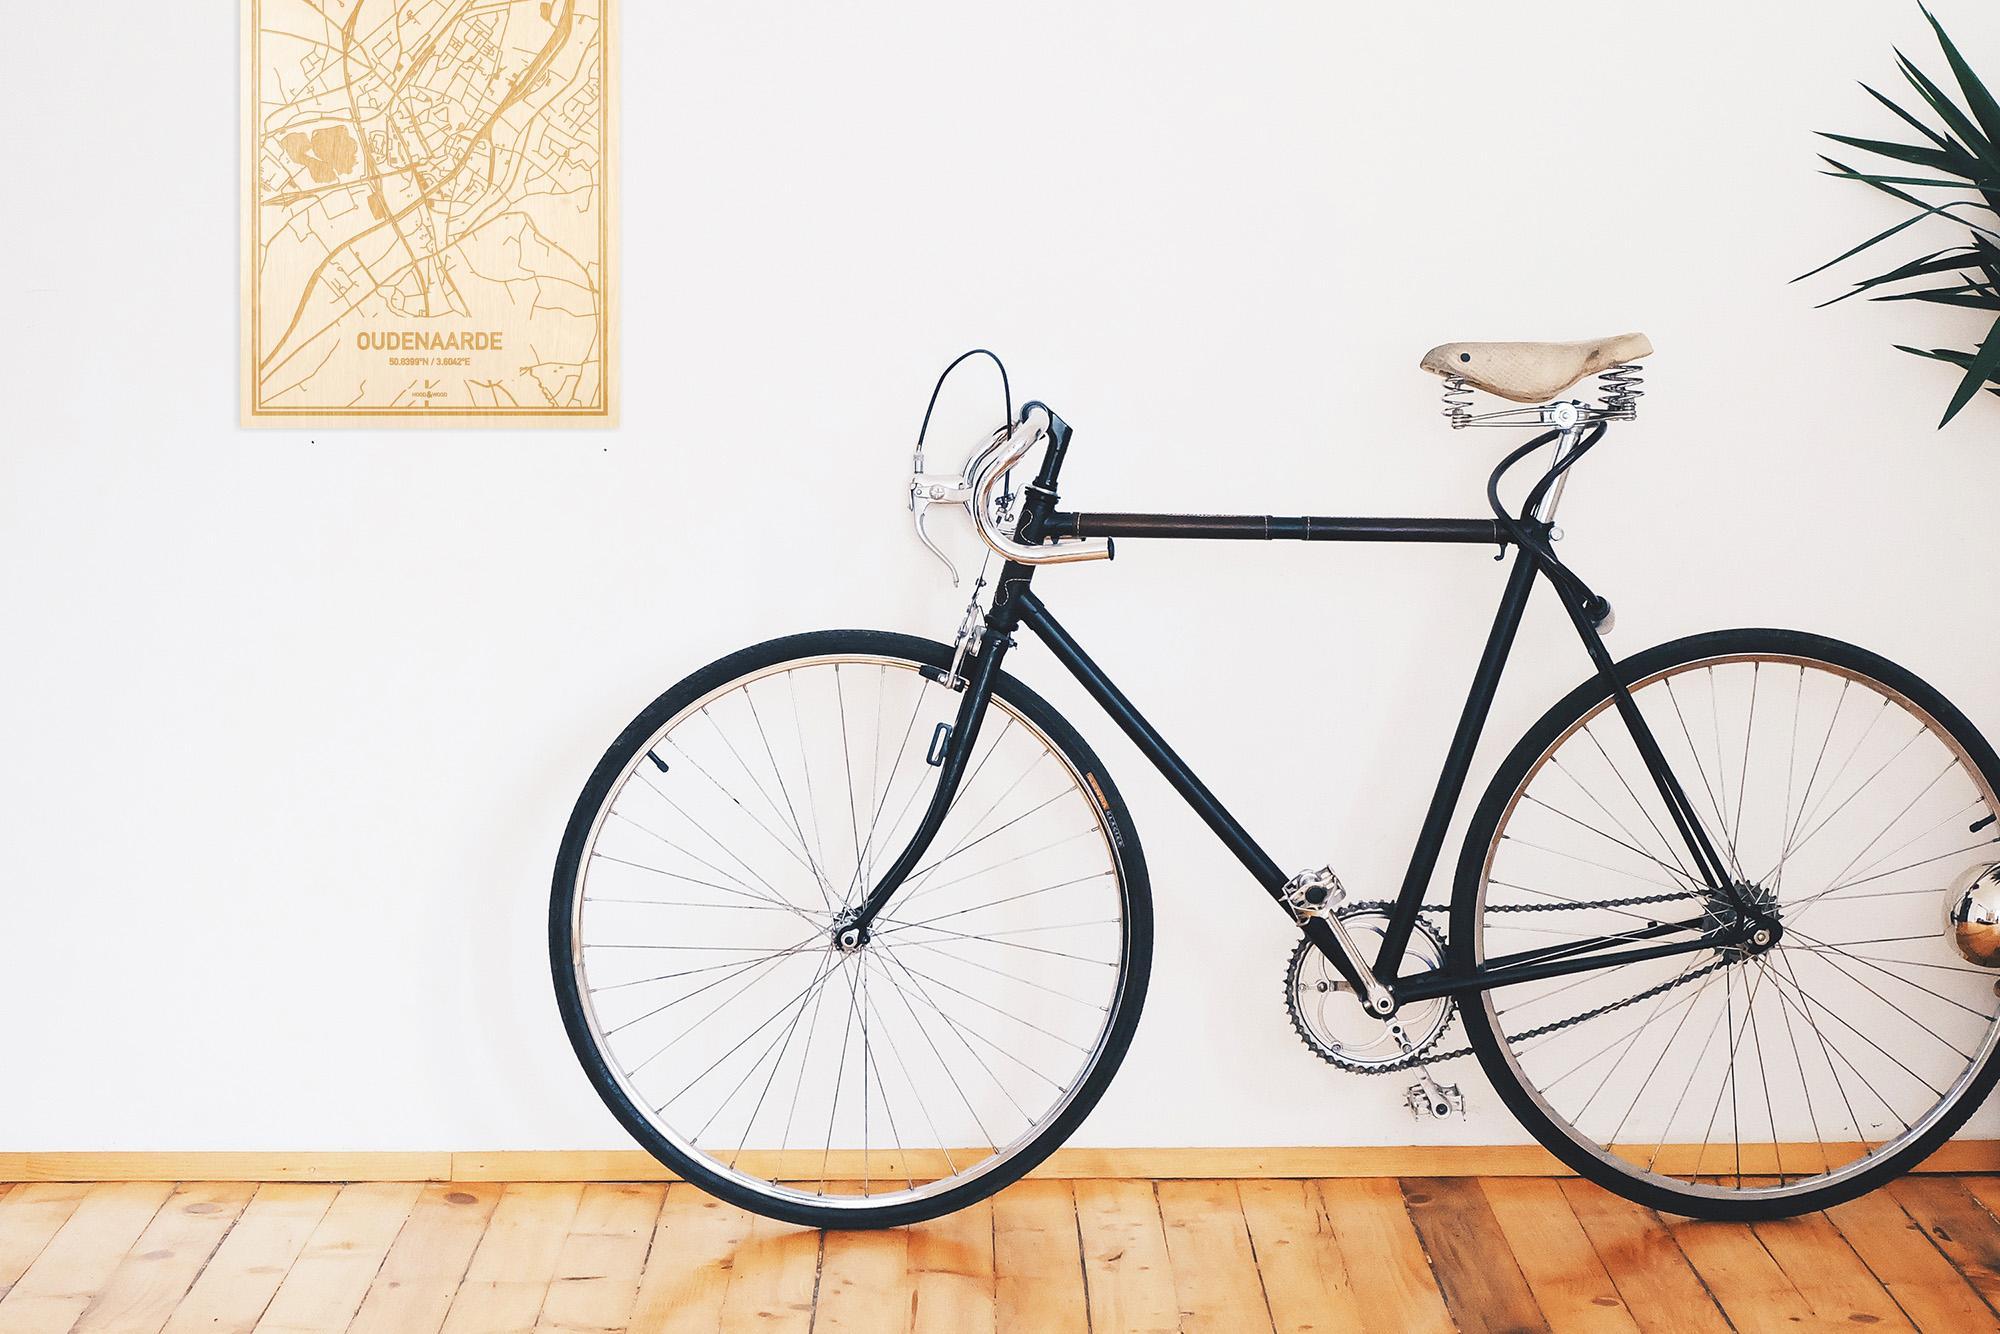 Een snelle fiets in een uniek interieur in Oost-Vlaanderen  met mooie decoratie zoals de plattegrond Oudenaarde.